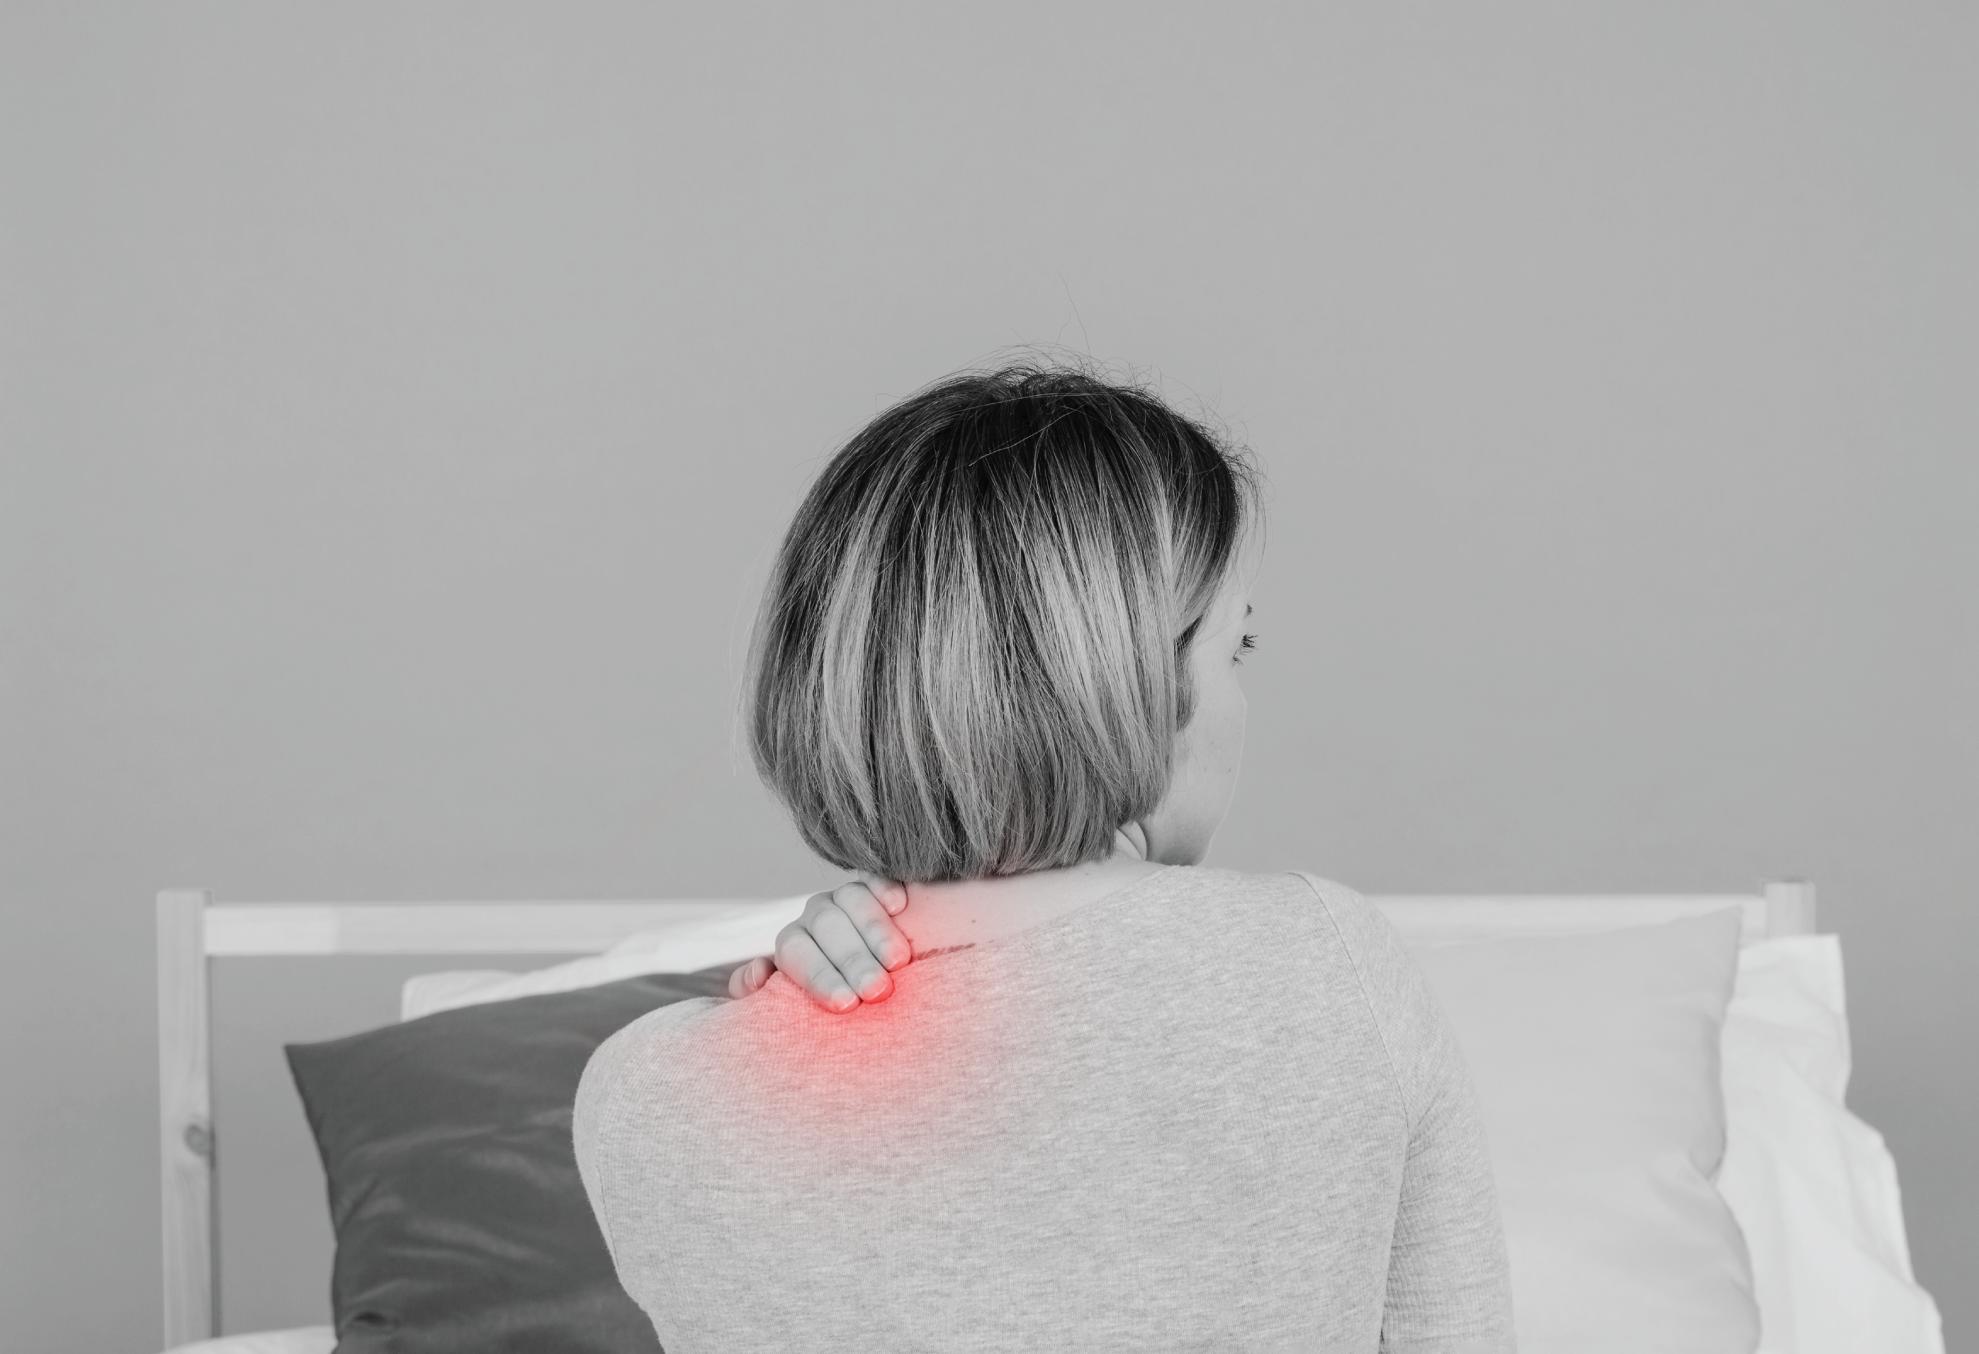 Πόνος στο αυχένα: Ένα πολύ συχνό φαινόμενο